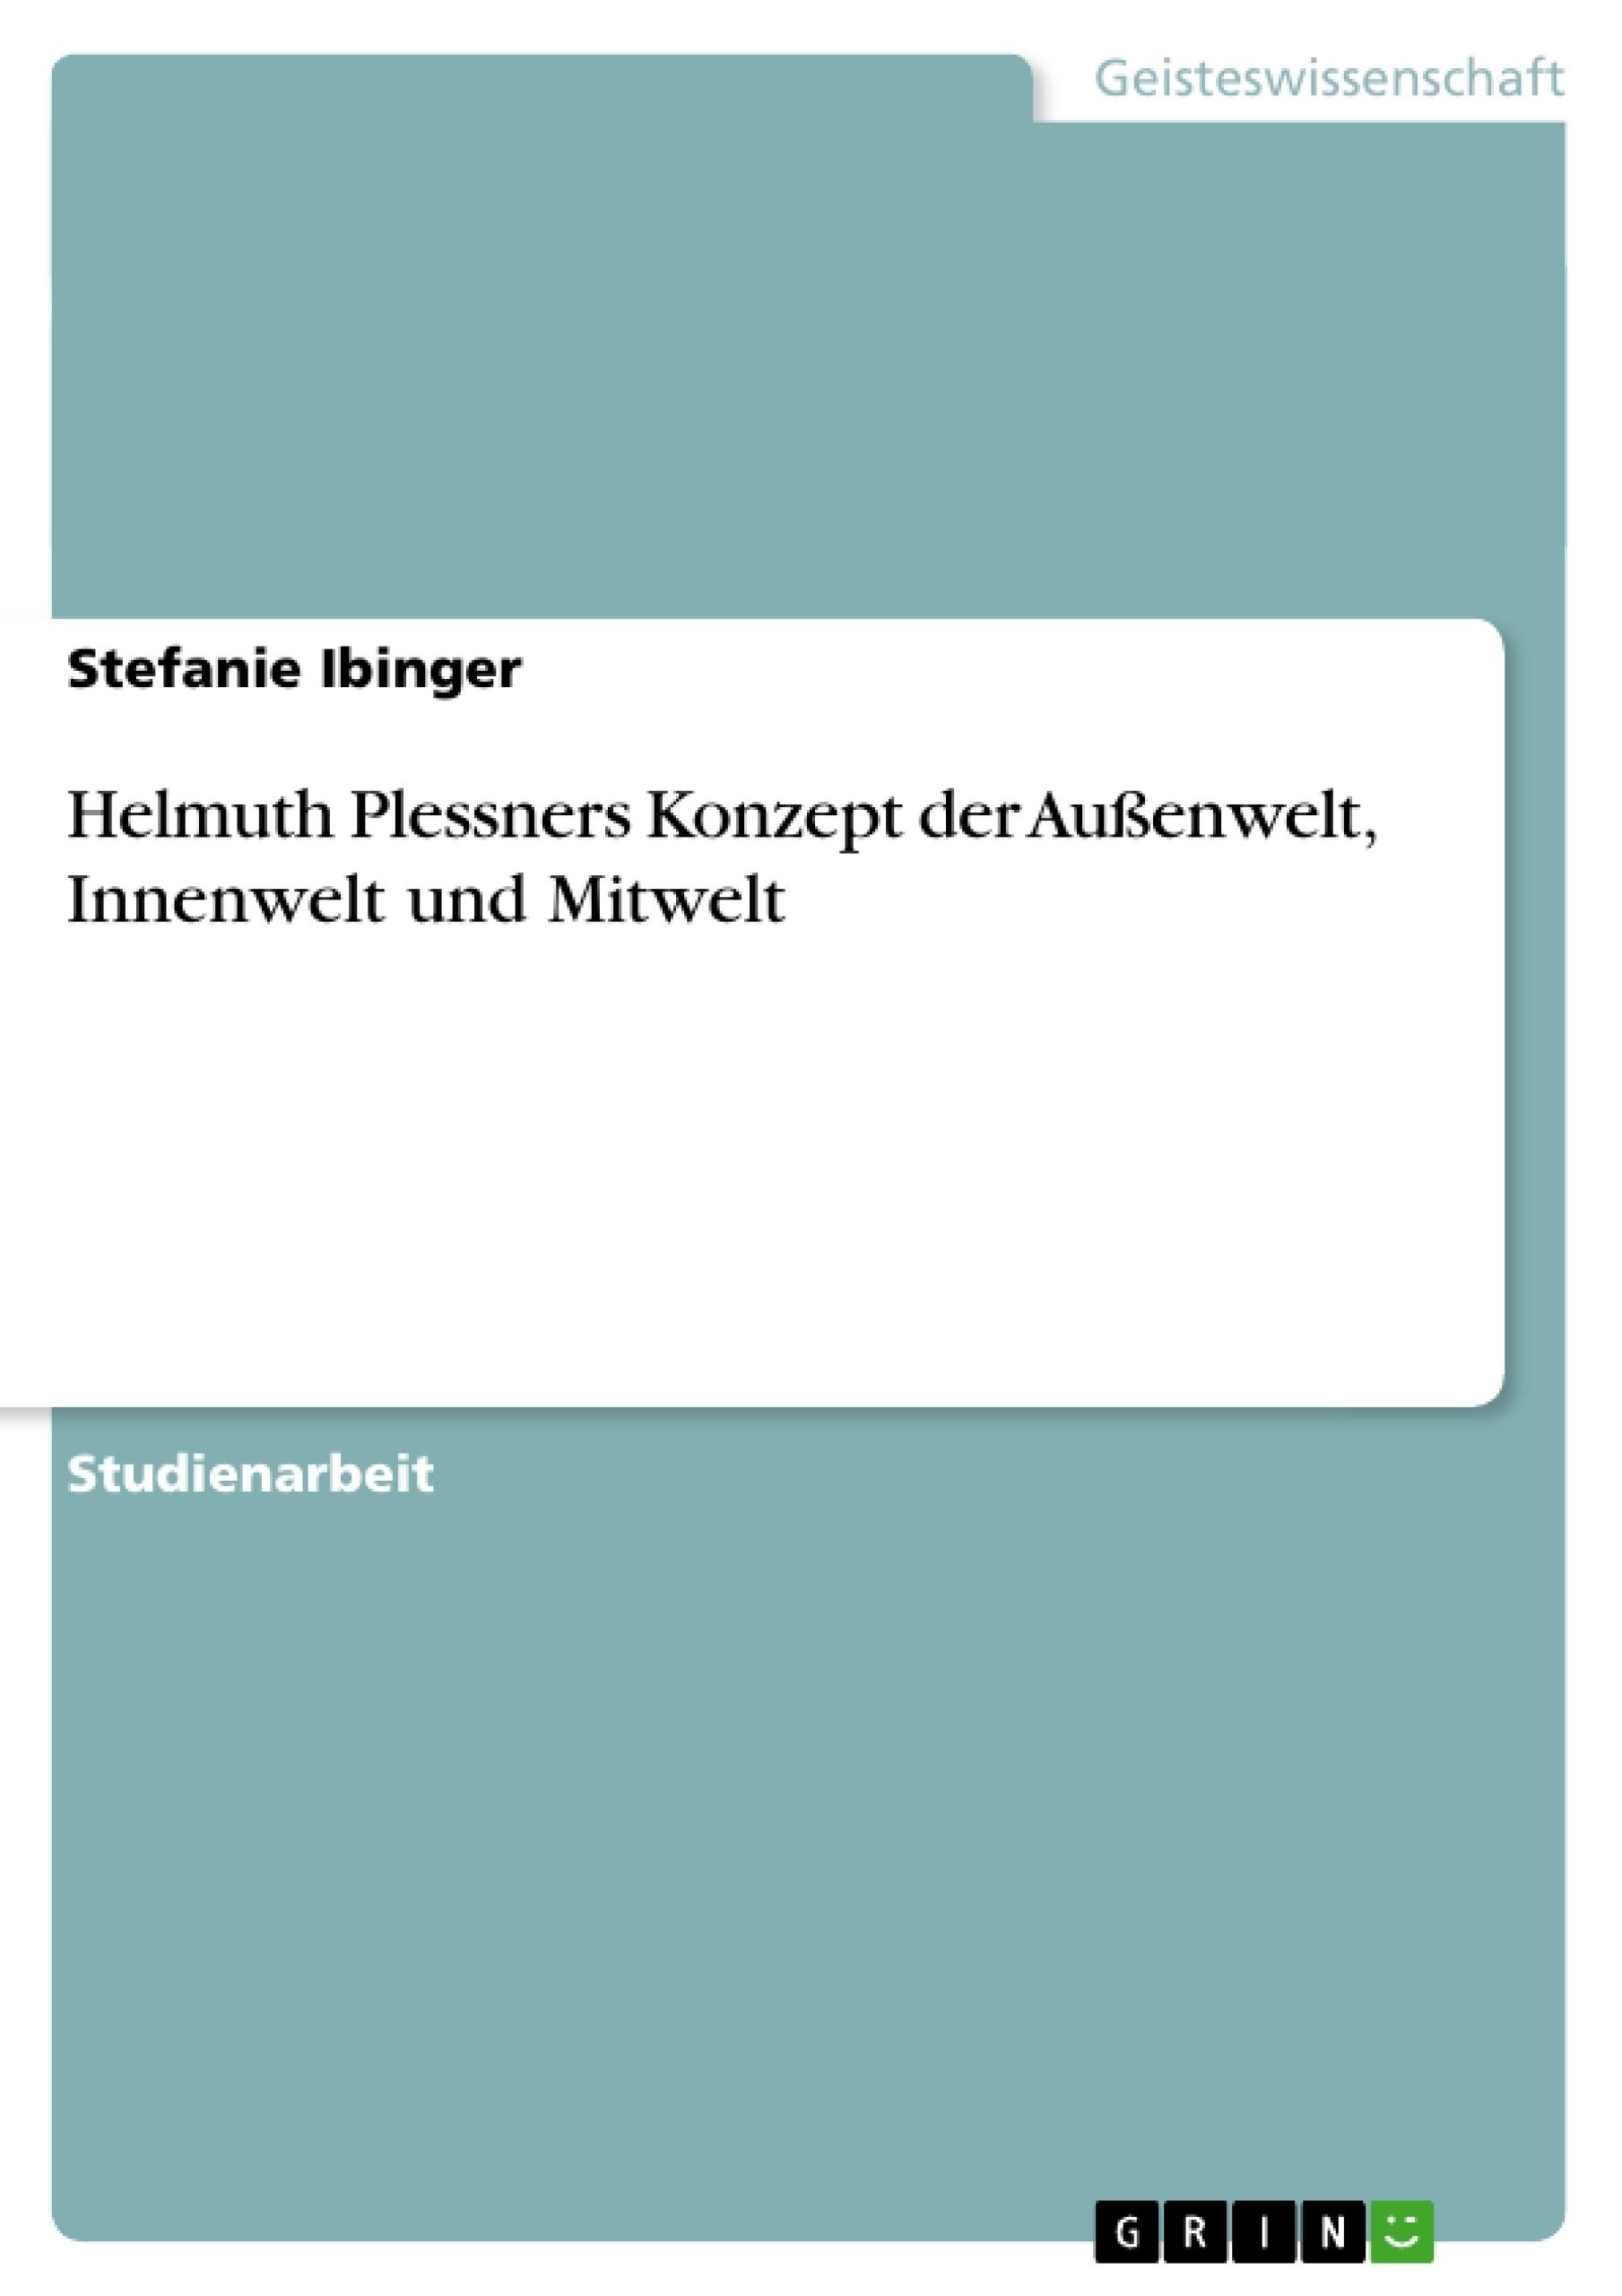 Titel: Helmuth Plessners Konzept der Außenwelt, Innenwelt und Mitwelt